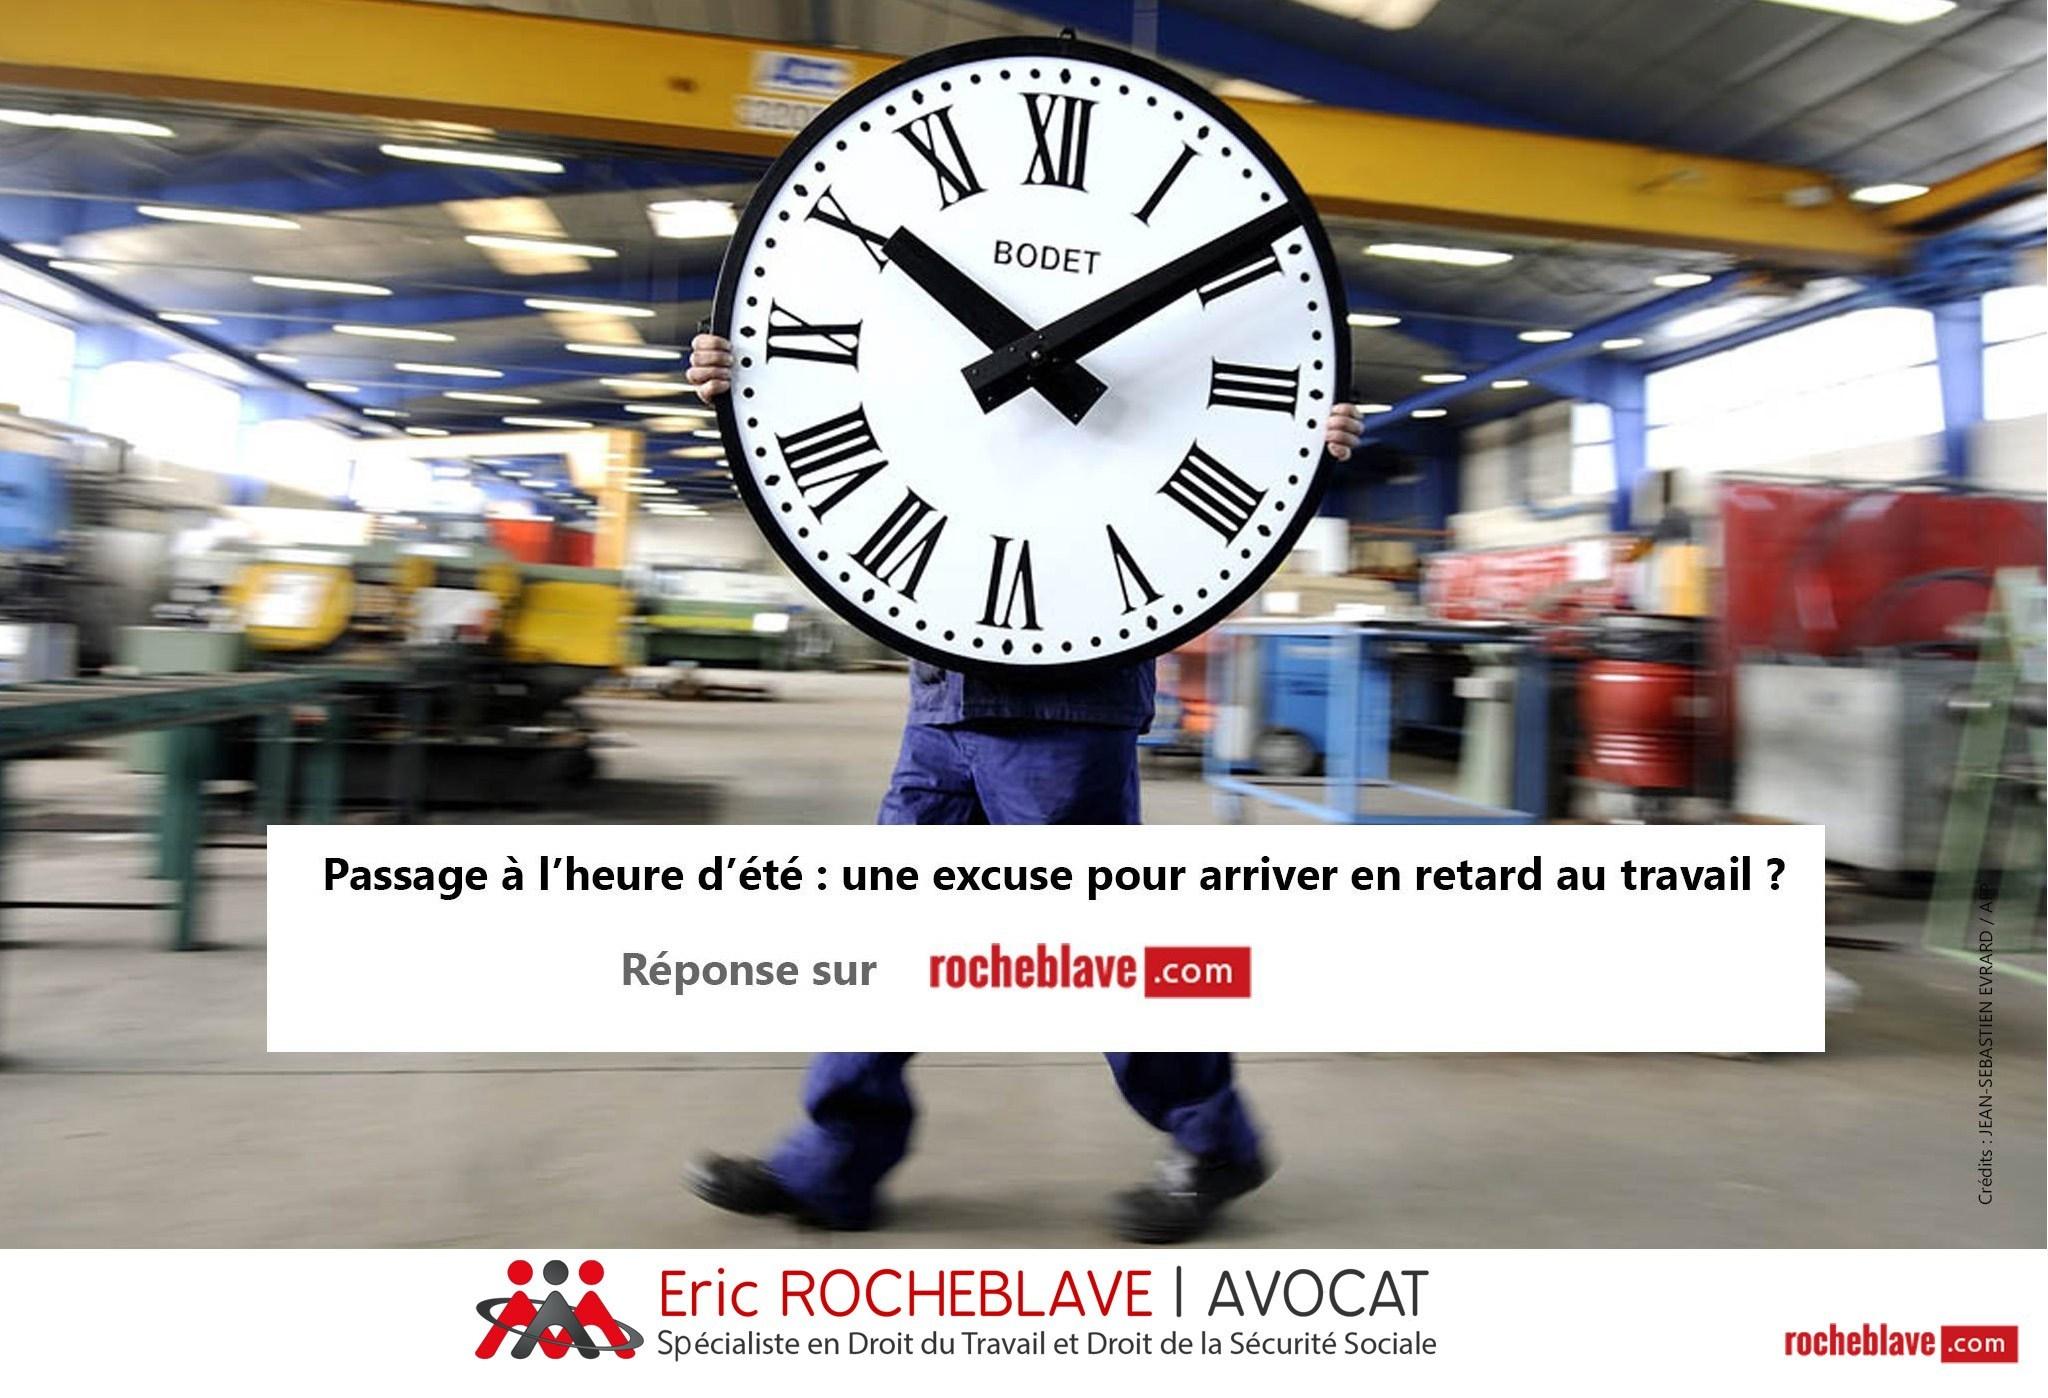 Passage à l'heure d'été : une excuse pour arriver en retard au travail ?